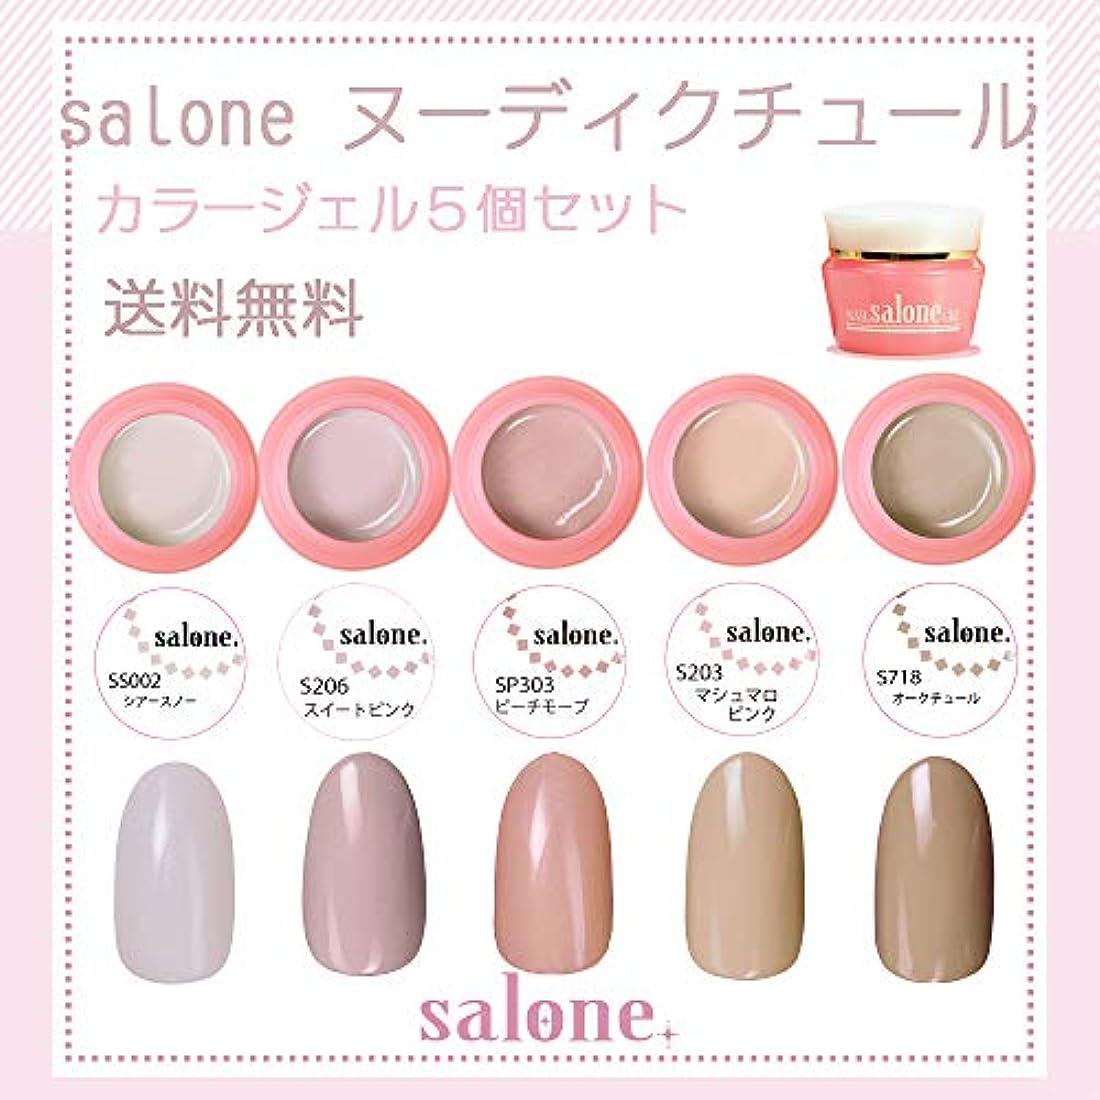 偏見歌今まで【送料無料 日本製】Salone ヌーディクチュール カラージェル5個セット 上品で肌なじみの良いカラー